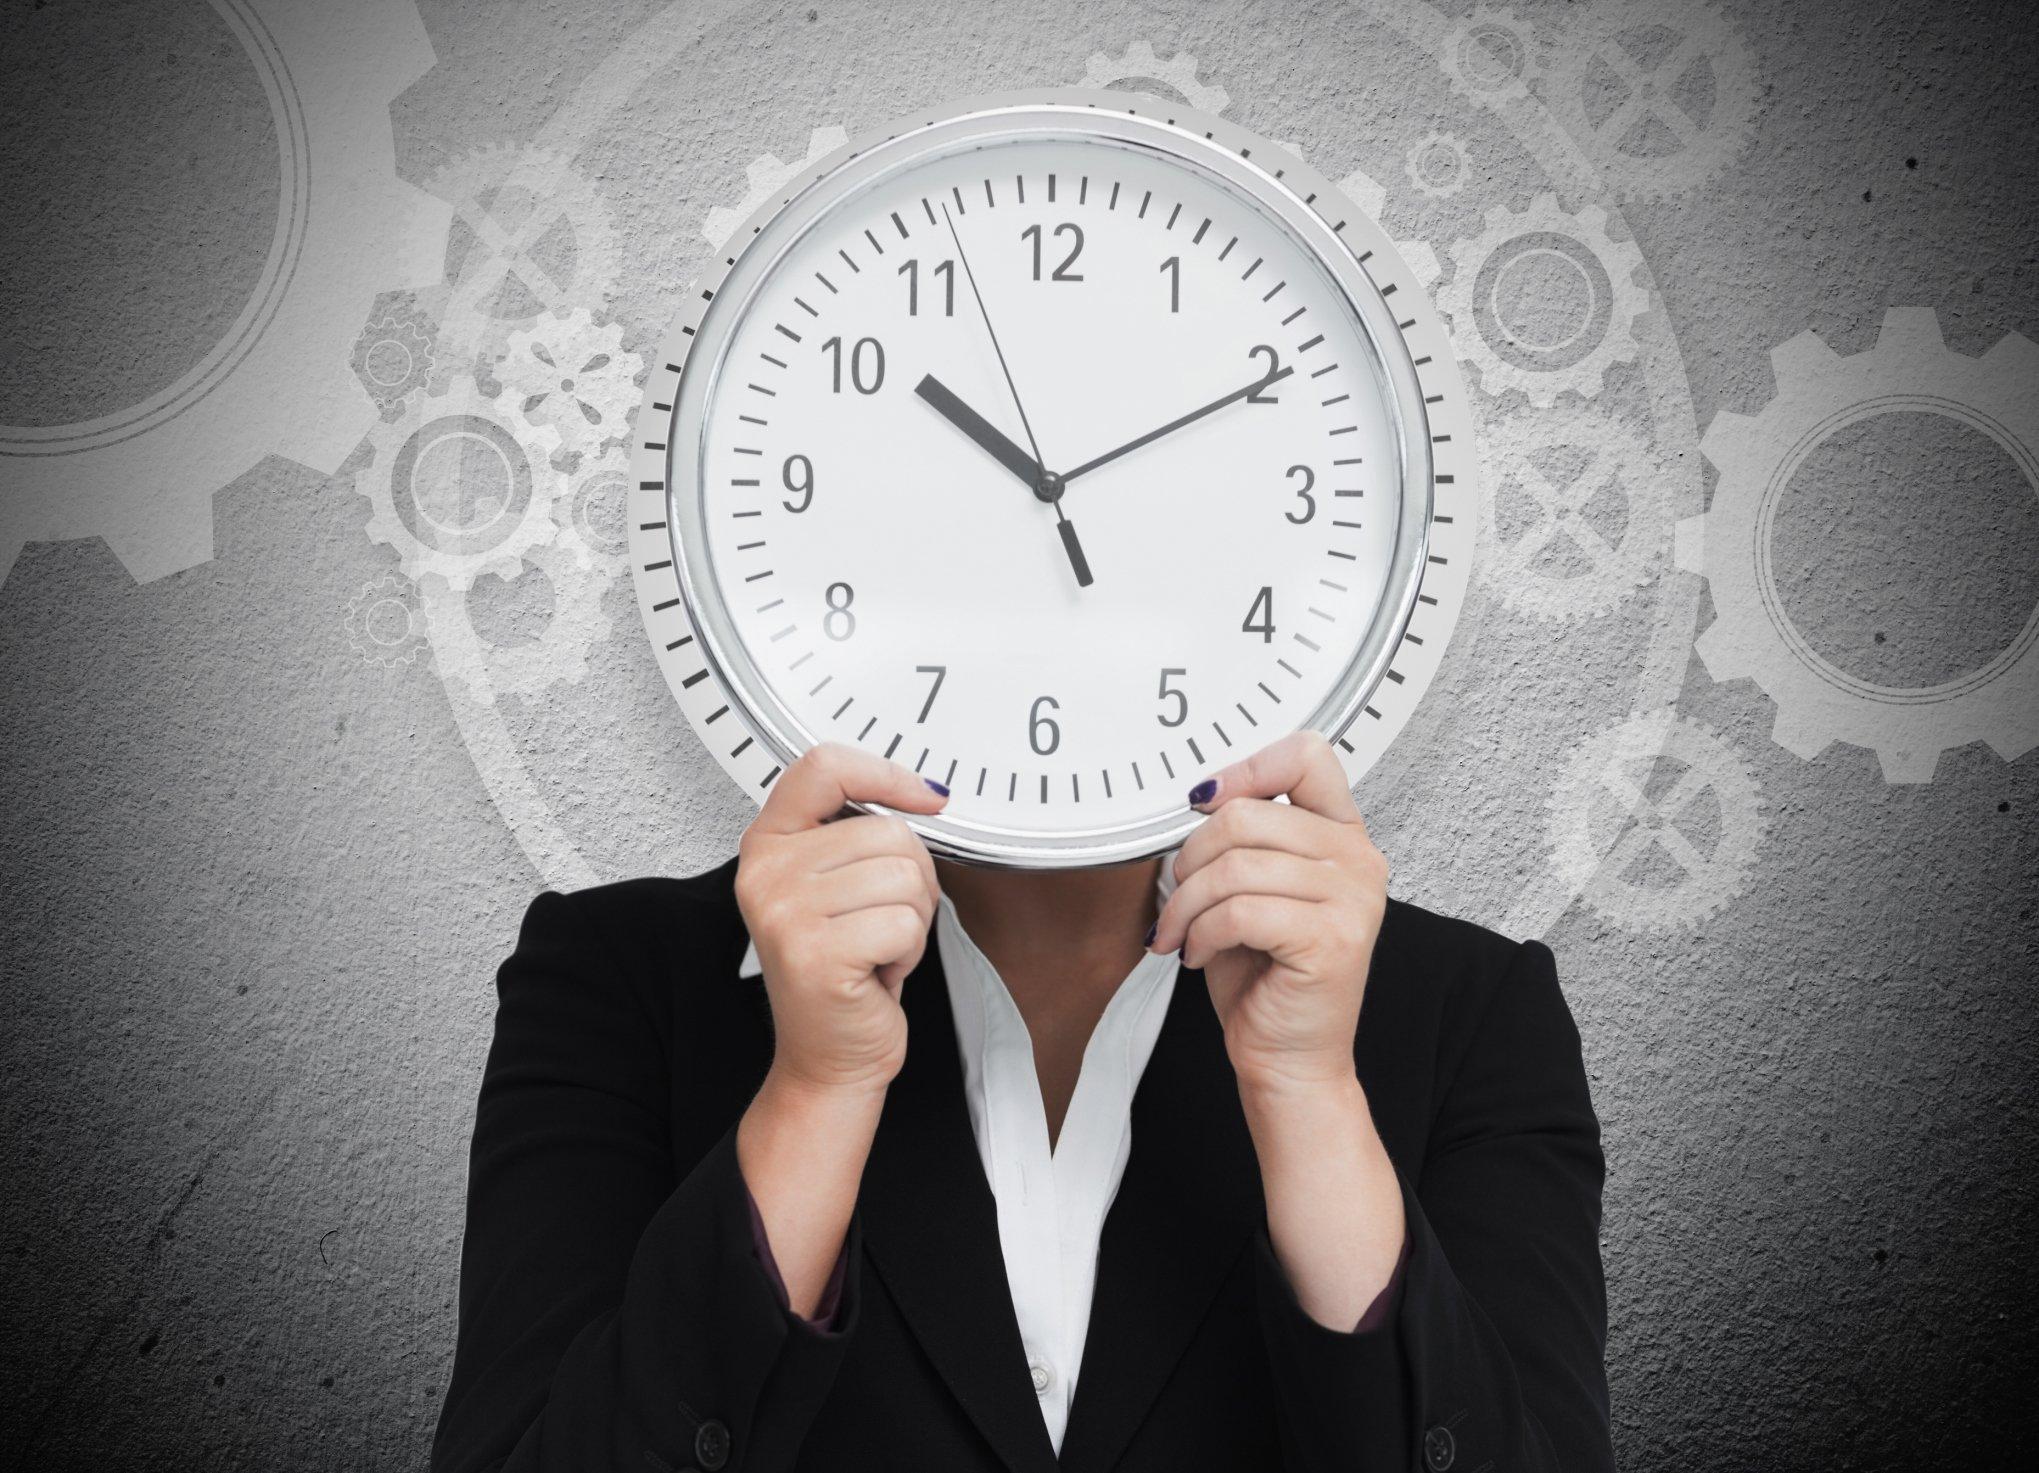 Трудовой распорядок дня по трудовому кодексу